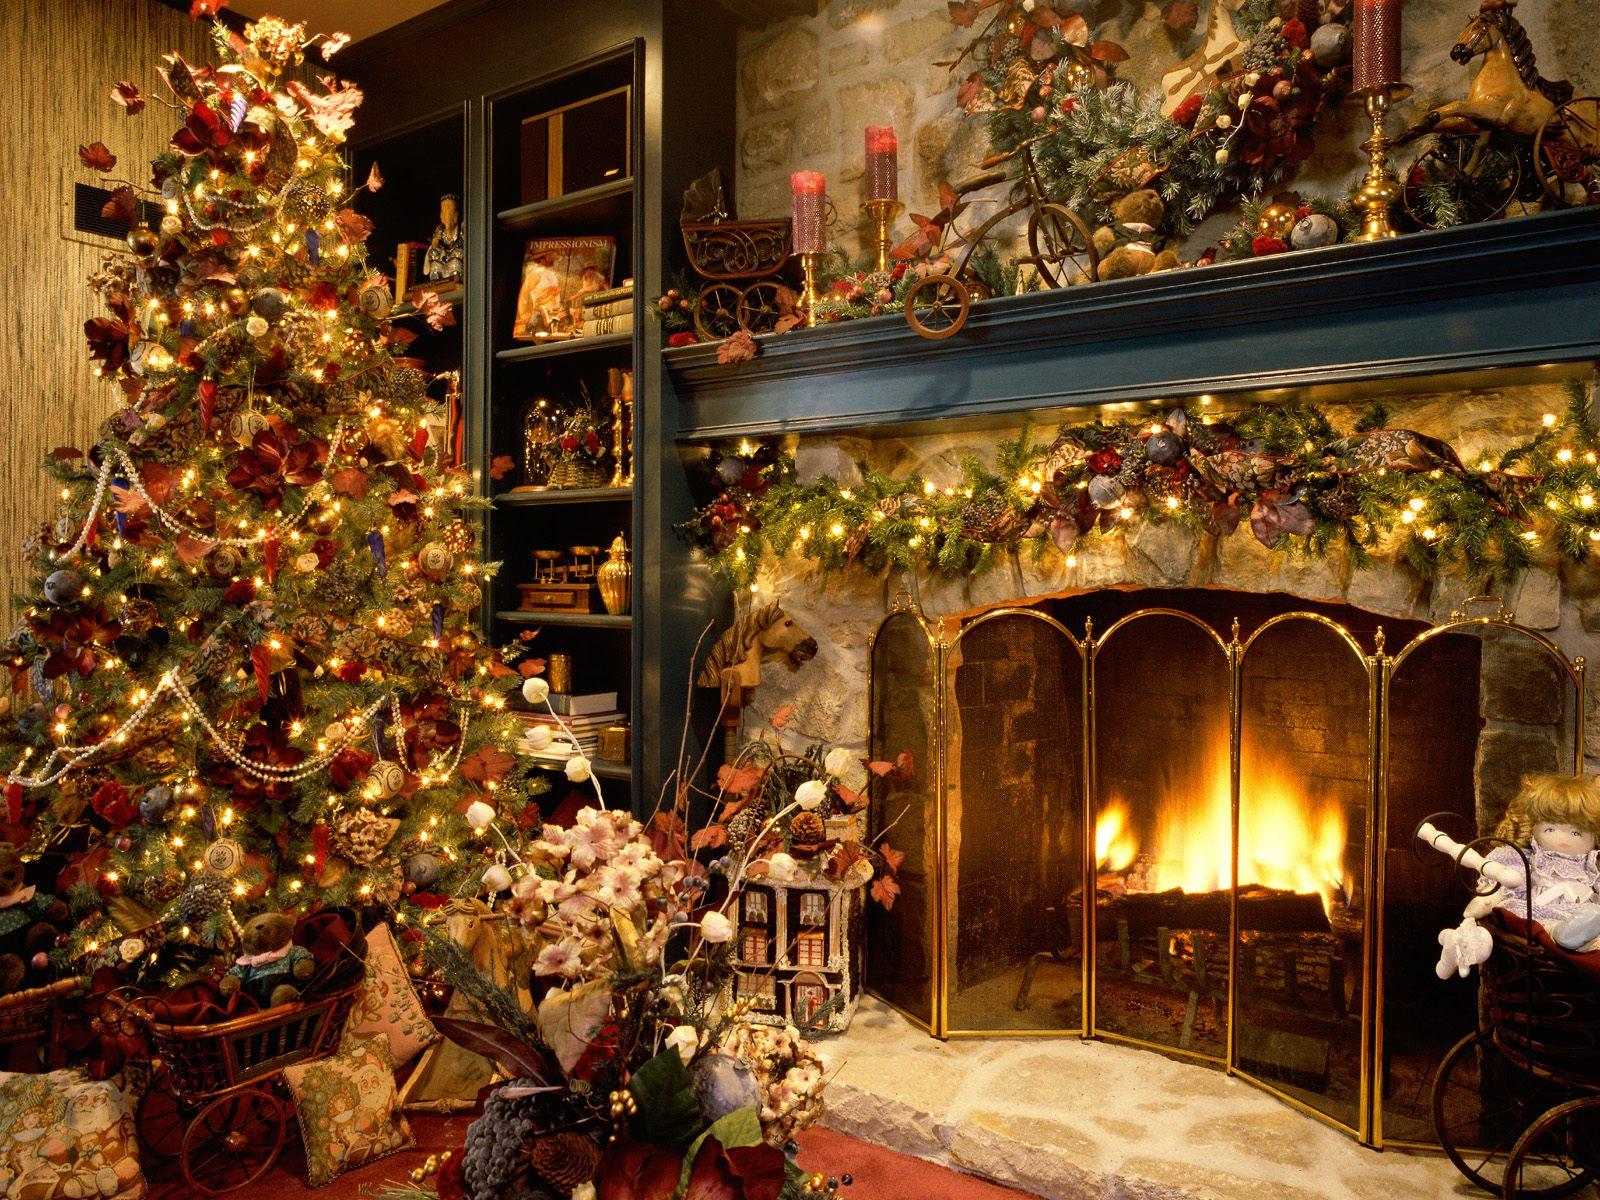 Fondos De Pantalla Ano Nuevo Dia Festivos Arbol De Navidad